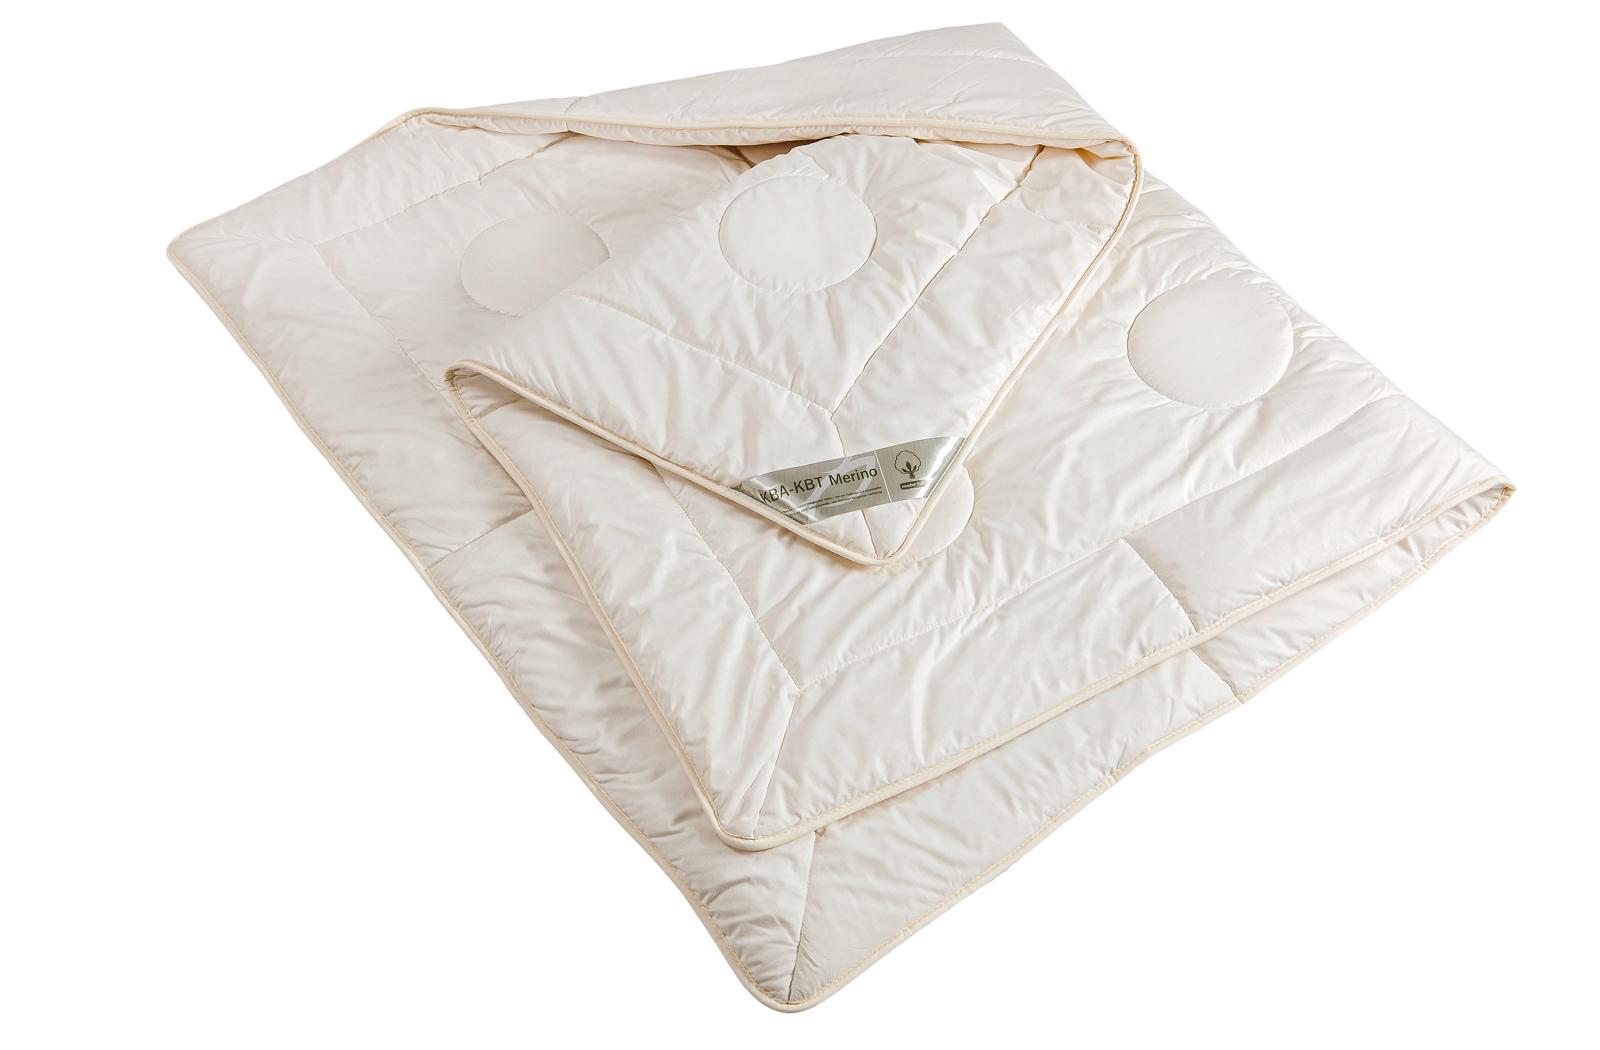 Bettdecke 4-Jahreszeiten-Decke  KBT Merino Schurwolle + KBA Baumwolle BIO Natur Nadia – Bild 1